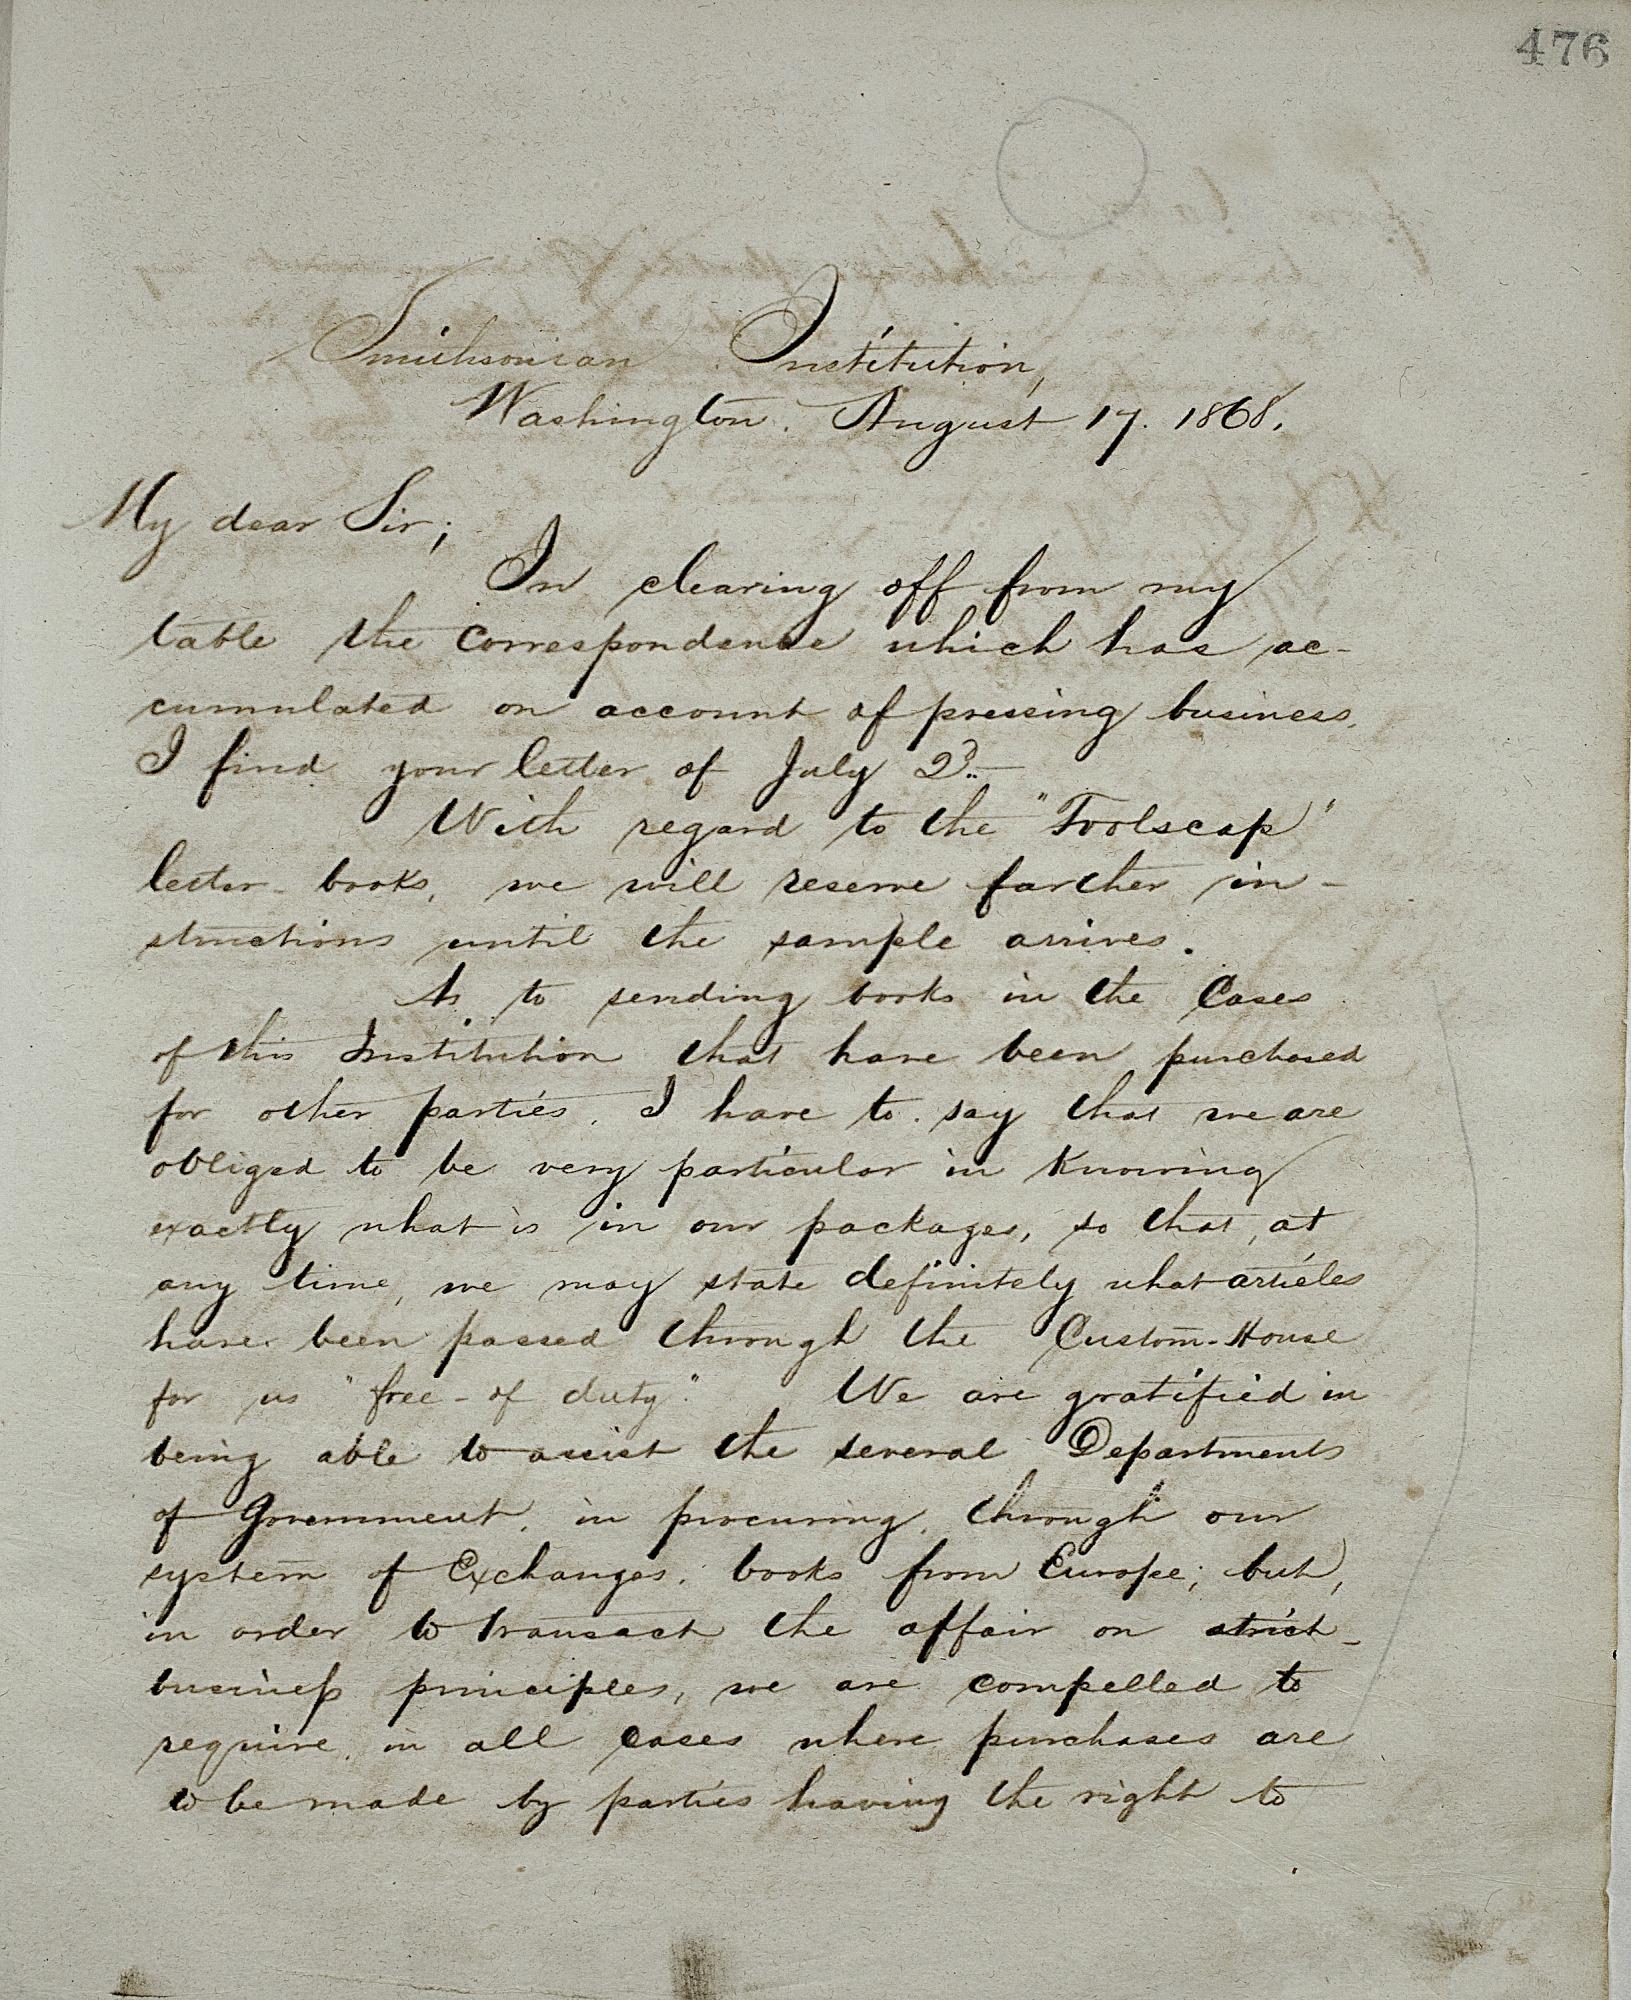 Joseph Henry's Letter to Felix Flugel (August 17, 1868)